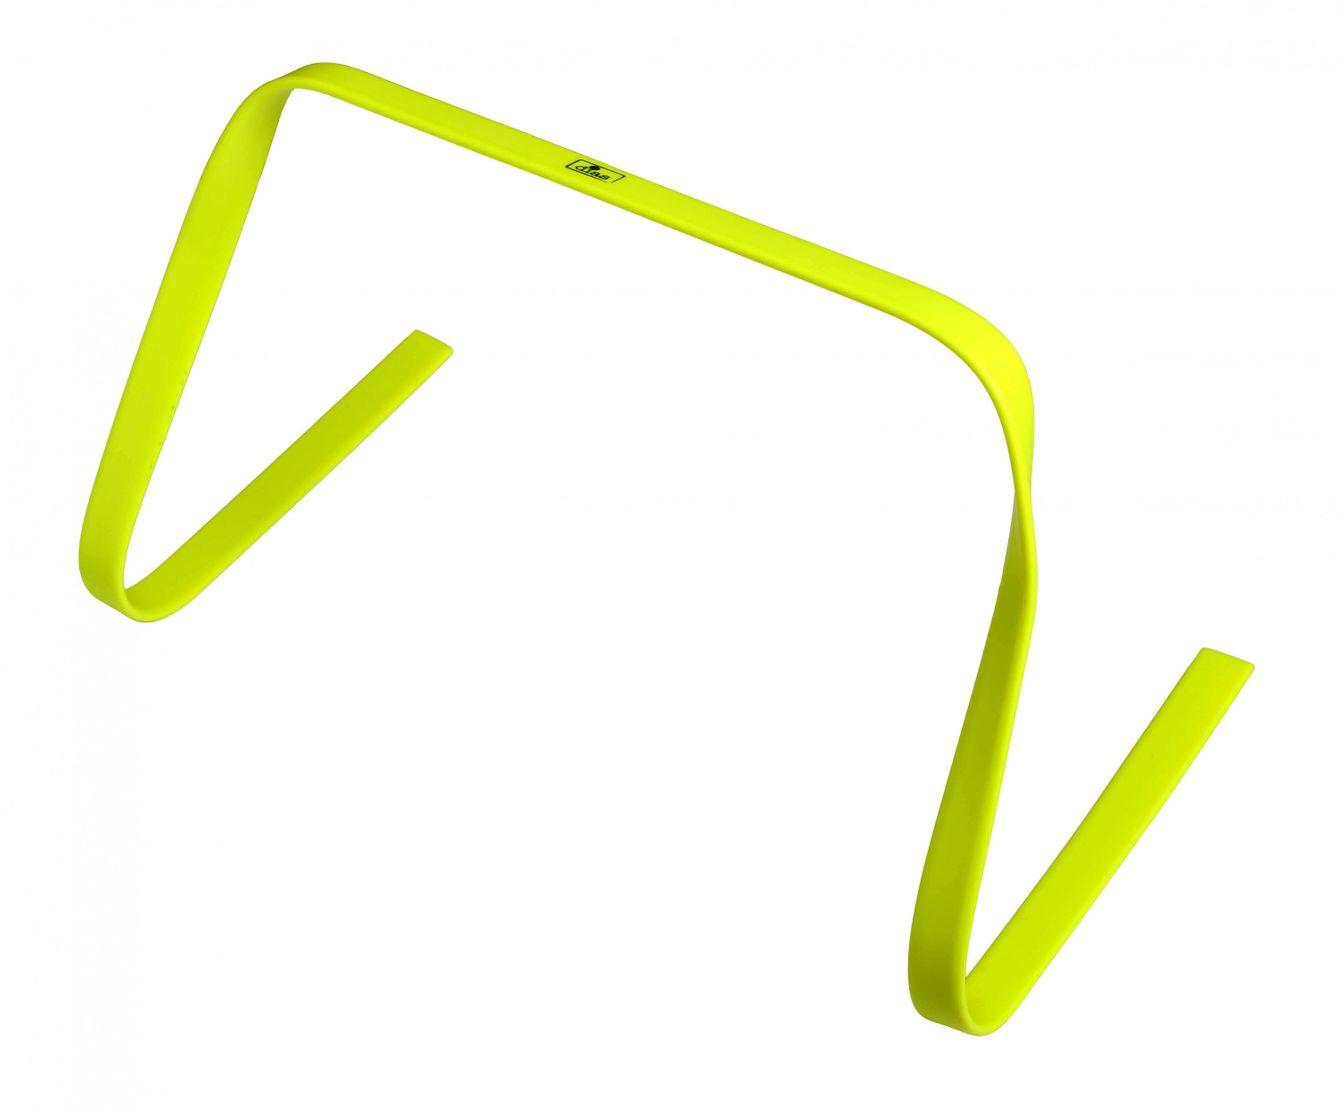 Płotki koordynacyjne | 30 cm | elastyczne | zestaw 6 szt.